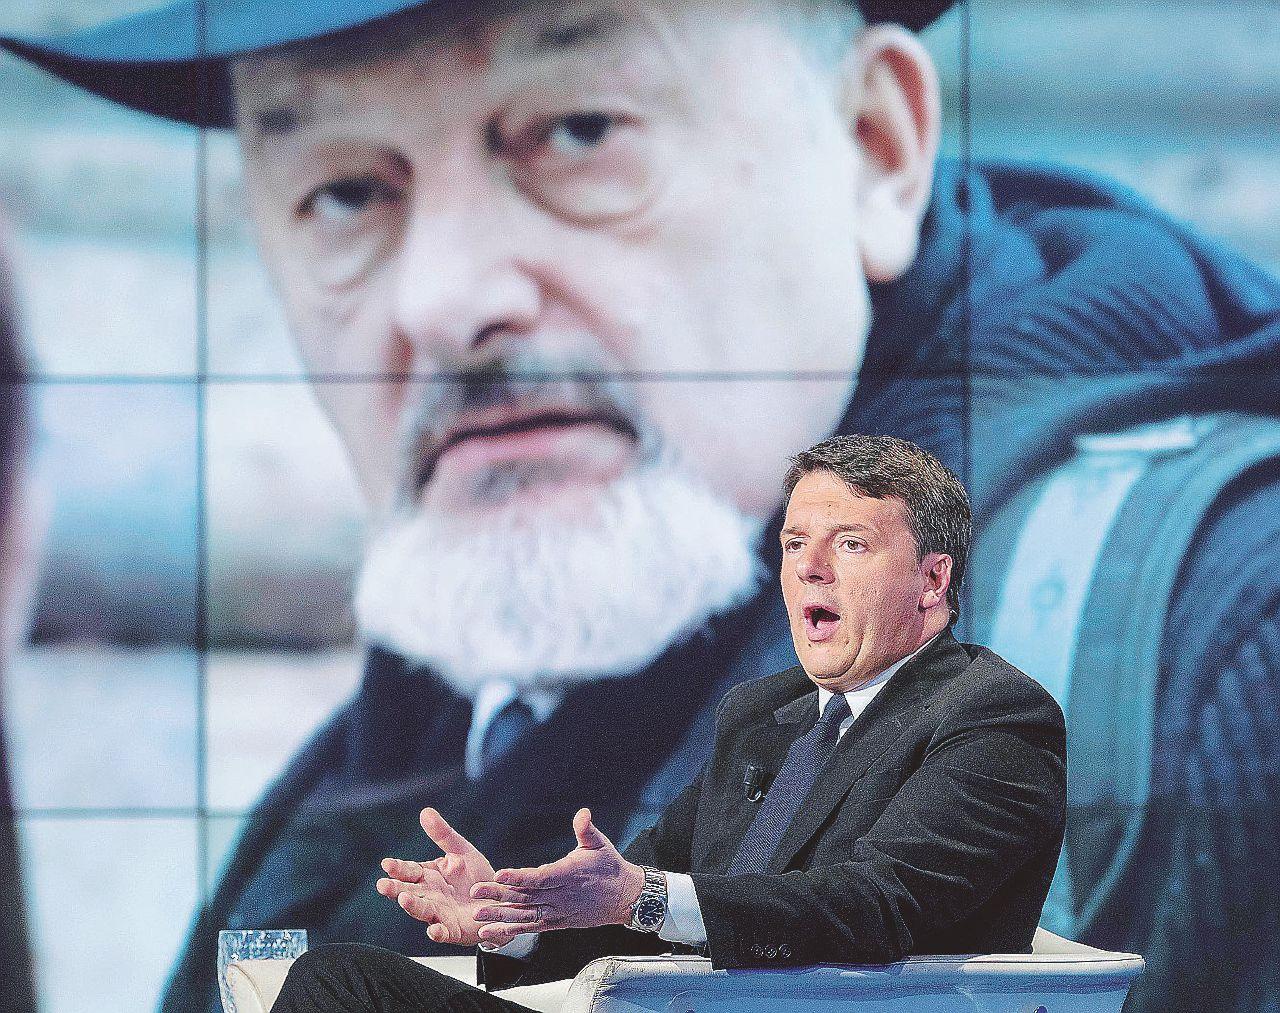 Lotti, Tiziano e le soffiate a Consip Matteo Renzi interrogato dai pm